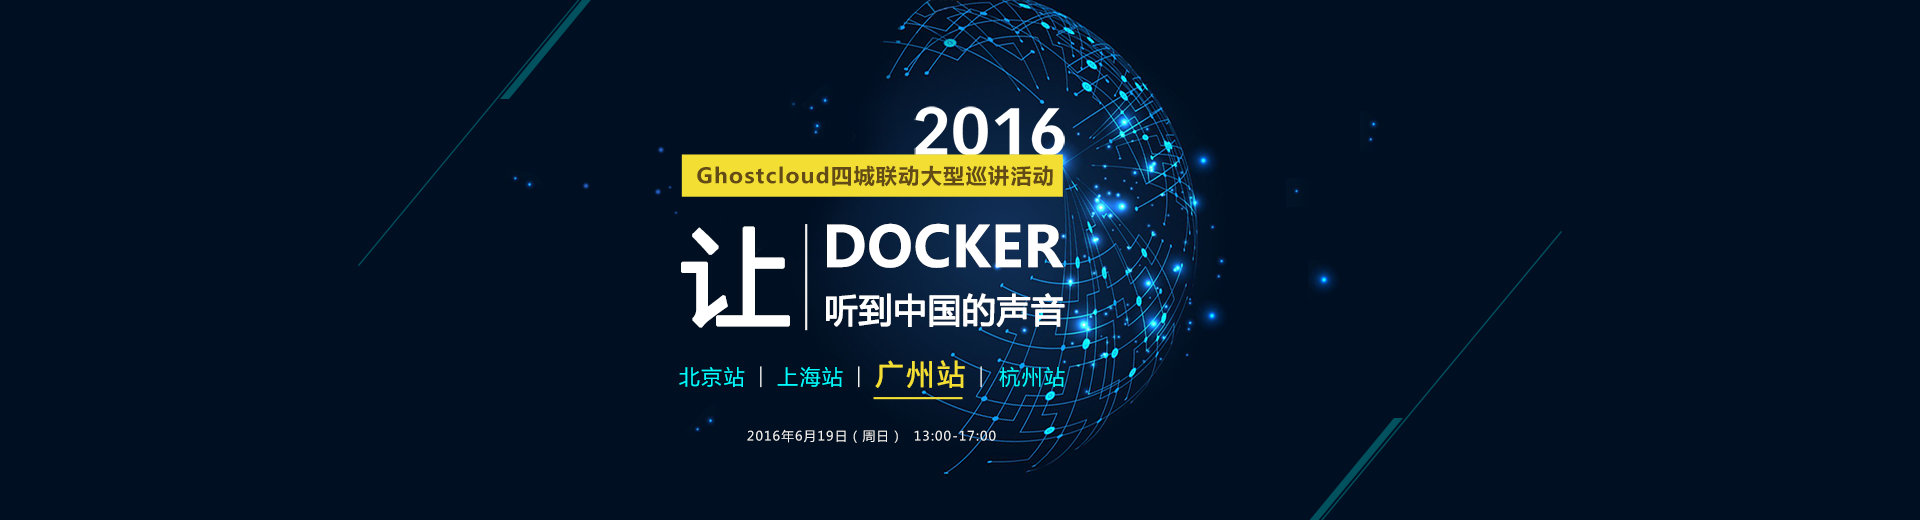 让Docker听到中国的声音-(广州站)